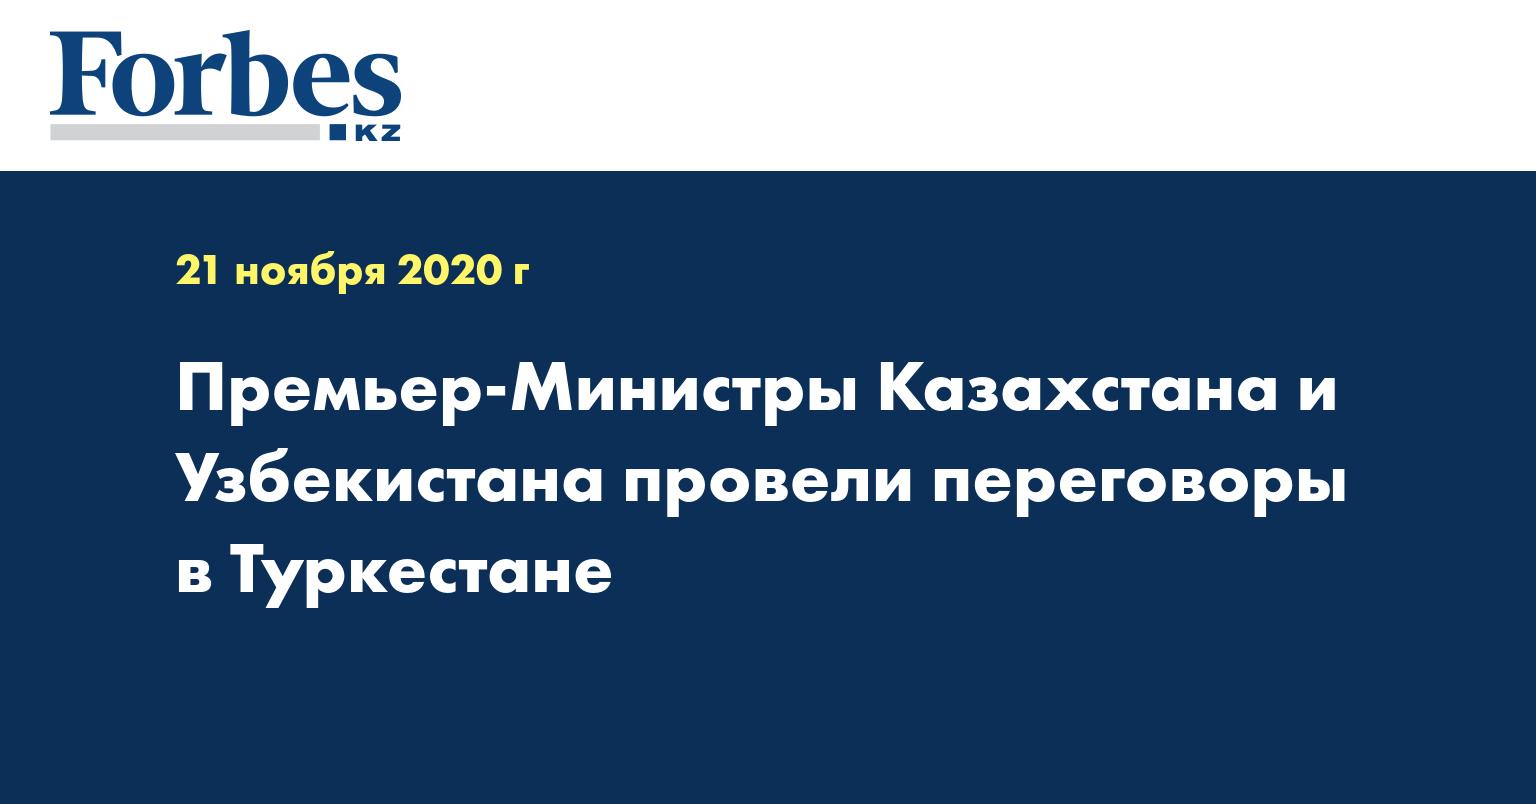 Премьер-Министры Казахстана и Узбекистана провели переговоры в Туркестане